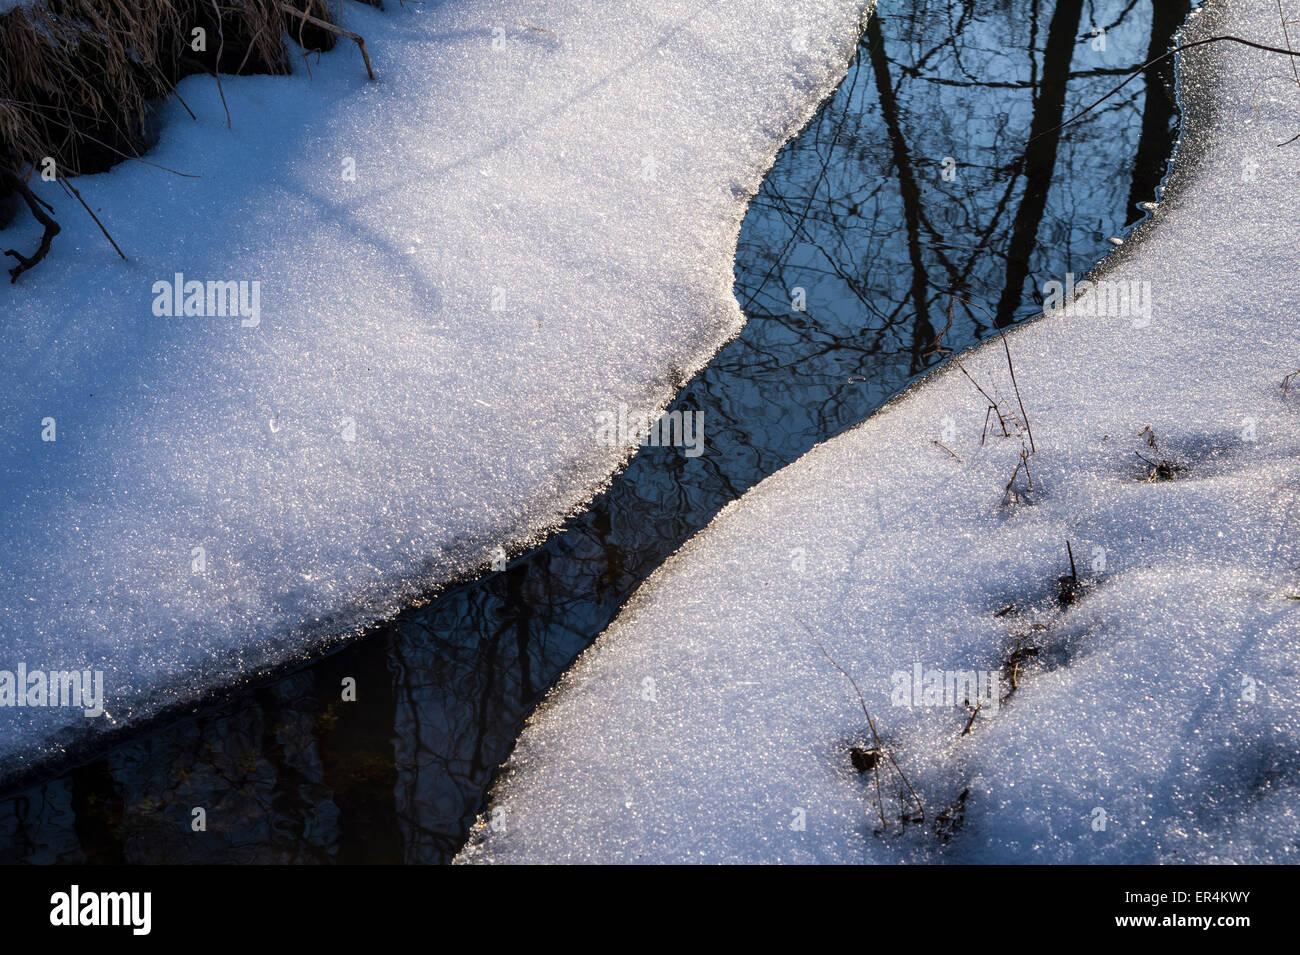 Arroyo congelado parcialmente con nieve y Reflexión Imagen De Stock